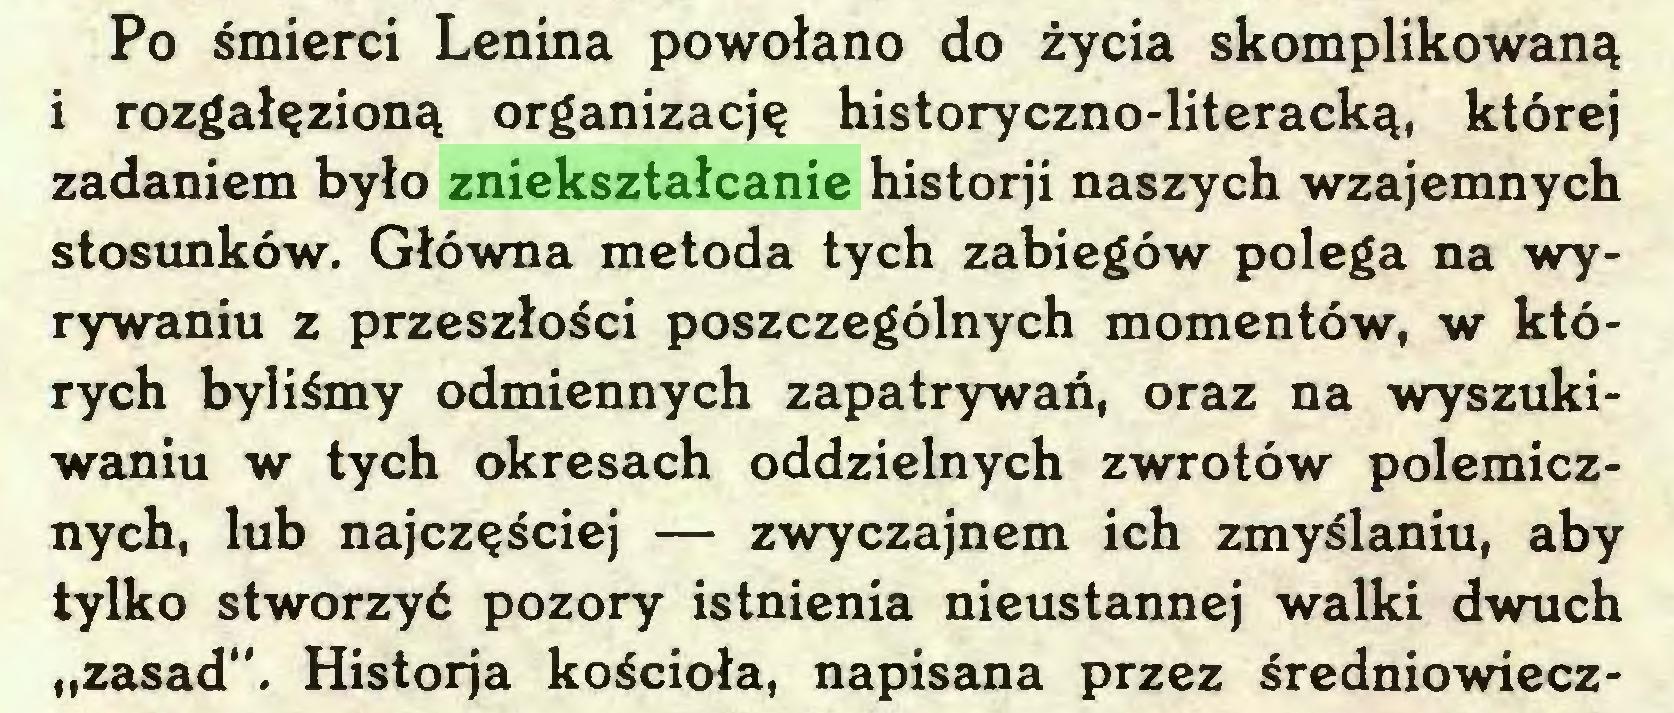 """(...) Po śmierci Lenina powołano do życia skomplikowaną i rozgałęzioną organizację historyczno-literacką, której zadaniem było zniekształcanie historji naszych wzajemnych stosunków. Główna metoda tych zabiegów polega na wyrywaniu z przeszłości poszczególnych momentów, w których byliśmy odmiennych zapatrywań, oraz na wyszukiwaniu w tych okresach oddzielnych zwrotów polemicznych, lub najczęściej — zwyczajnem ich zmyślaniu, aby tylko stworzyć pozory istnienia nieustannej walki dwuch """"zasad"""". Historja kościoła, napisana przez średniowiecz..."""